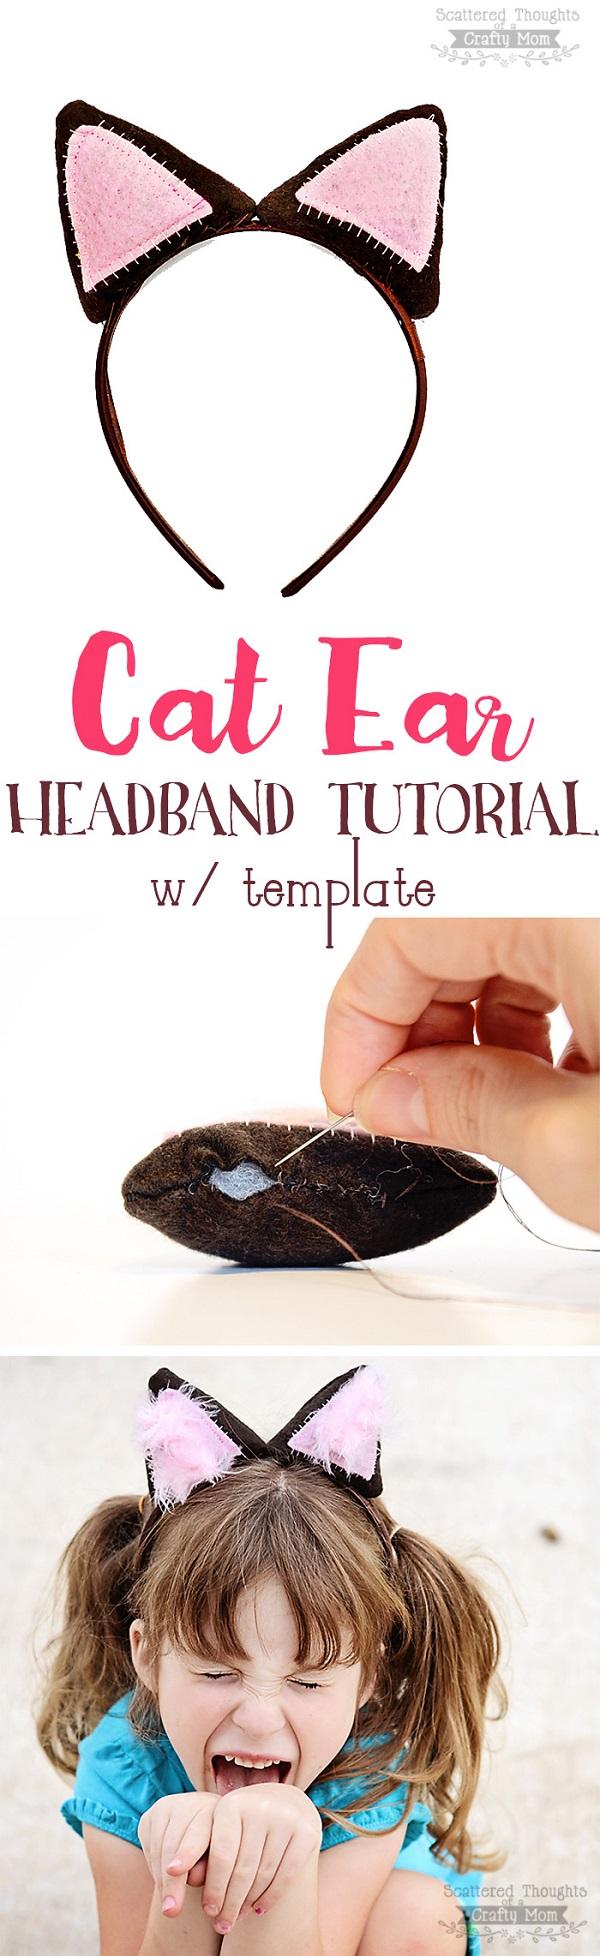 Sewing tutorial: Cat ear headband